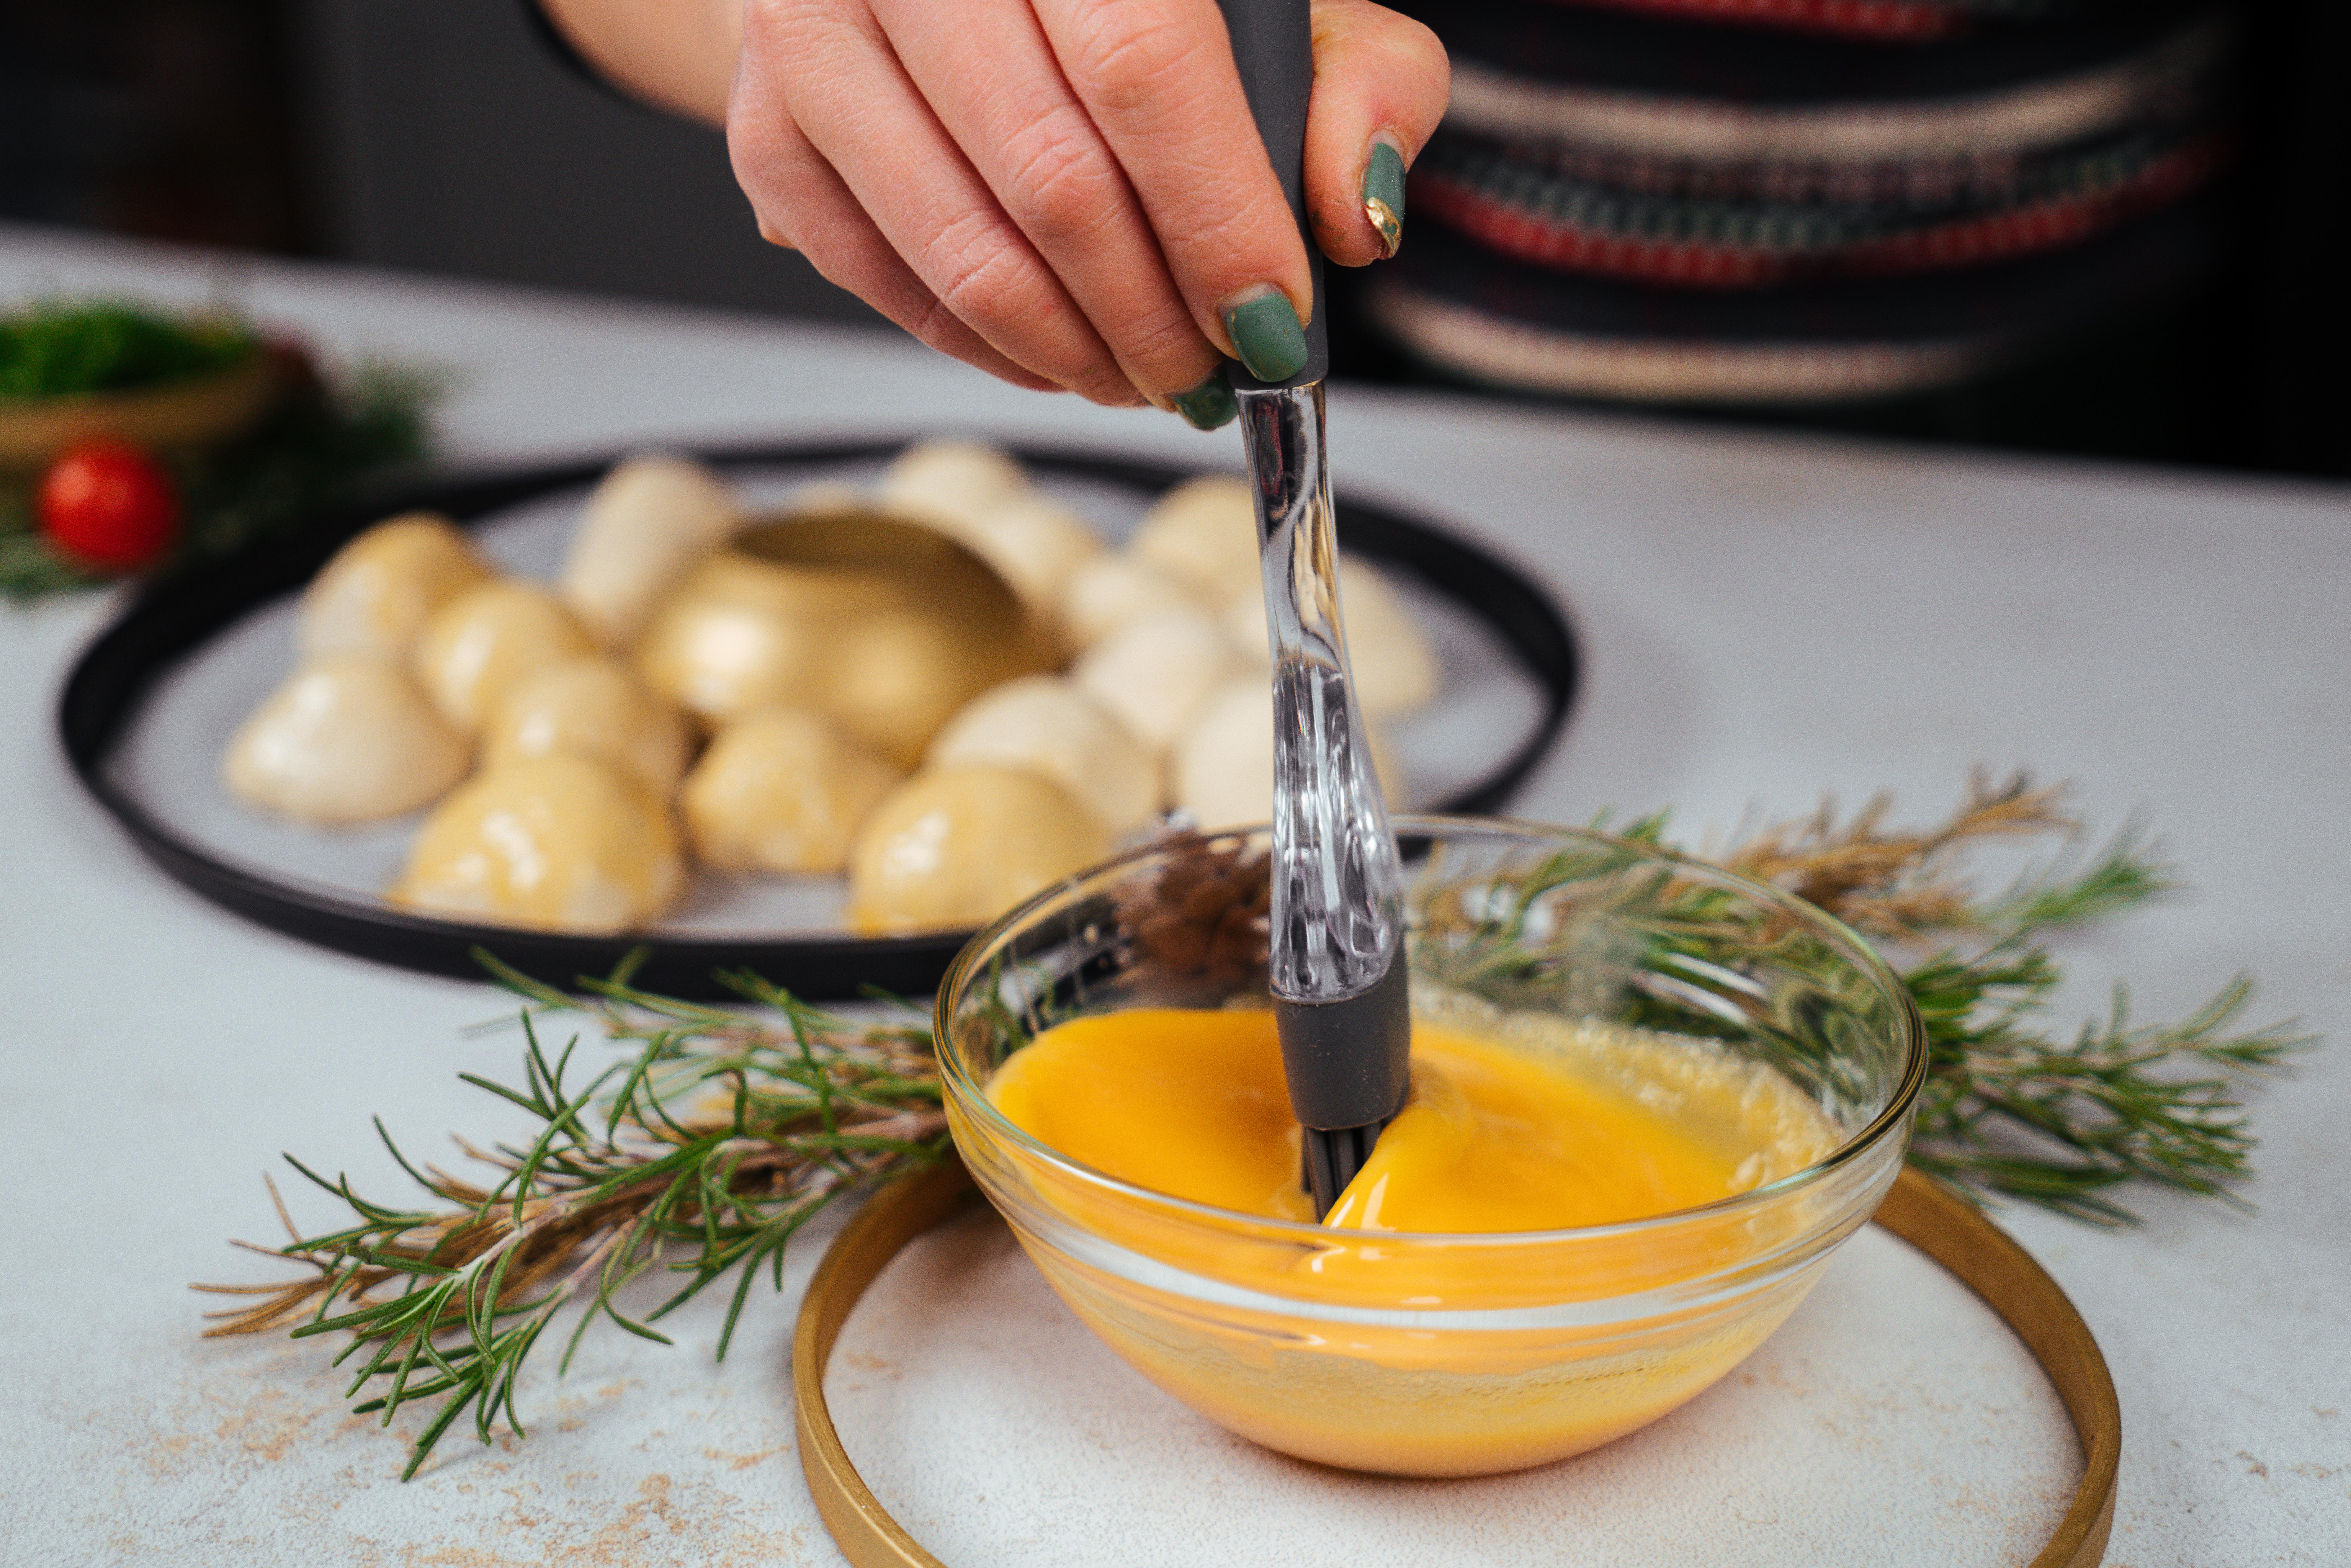 comidas navideñas para toda la familia, pan de navidad casero para preparar en una cena de navidad, untar con yema